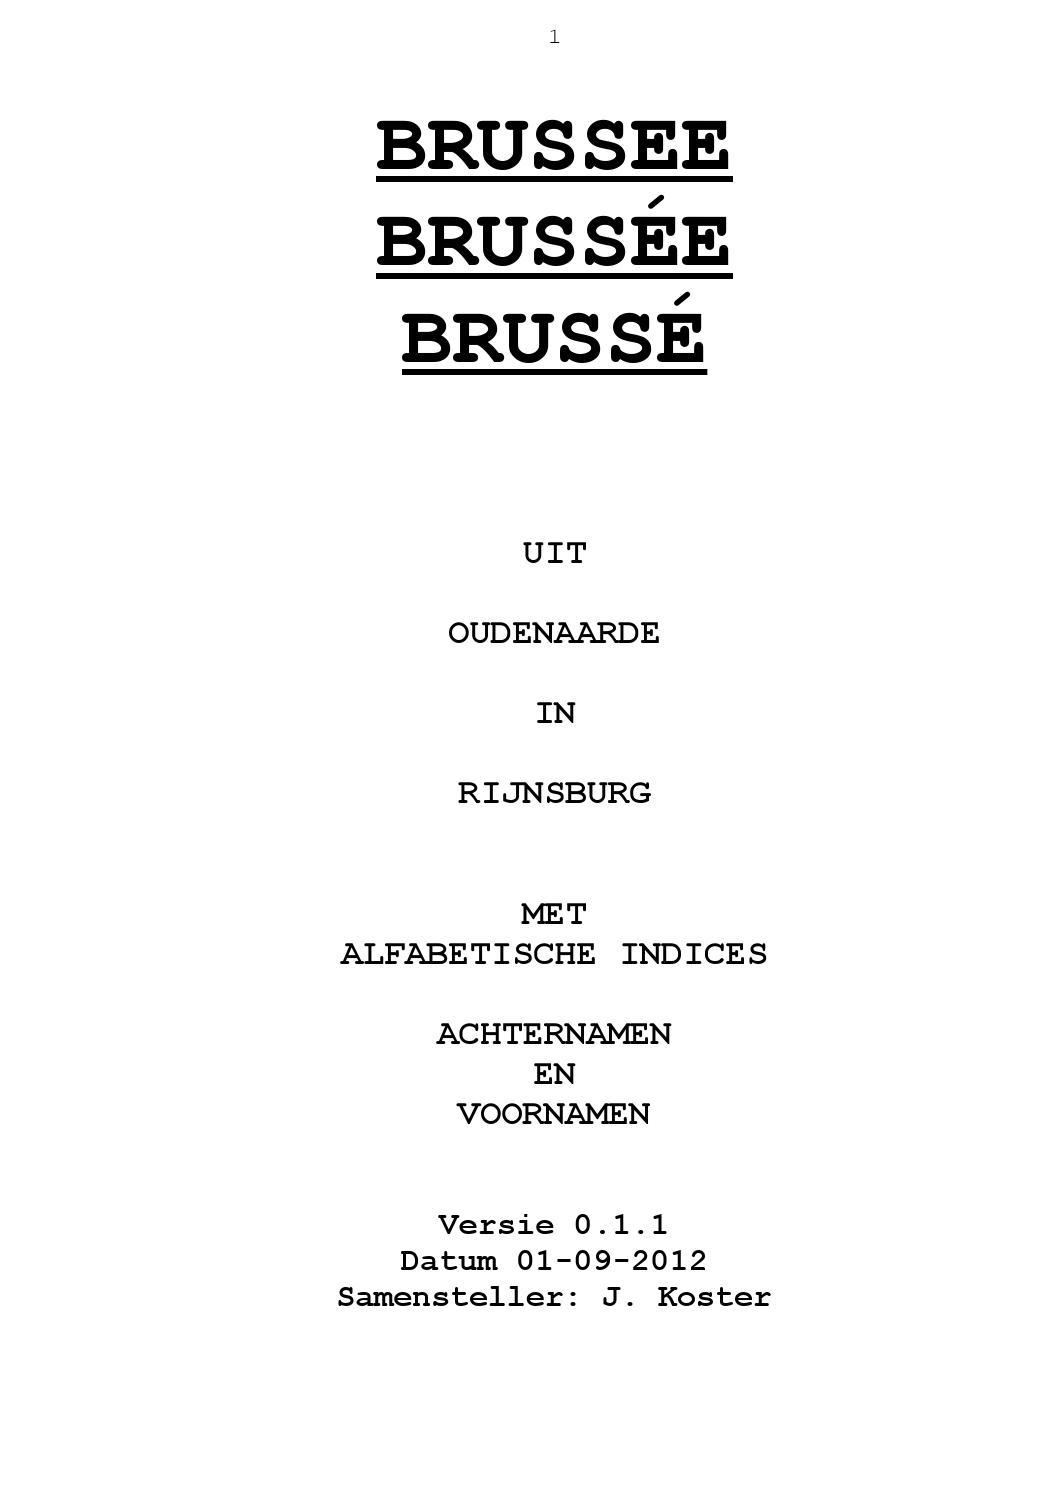 genealogie brussee by dennis bos issuu